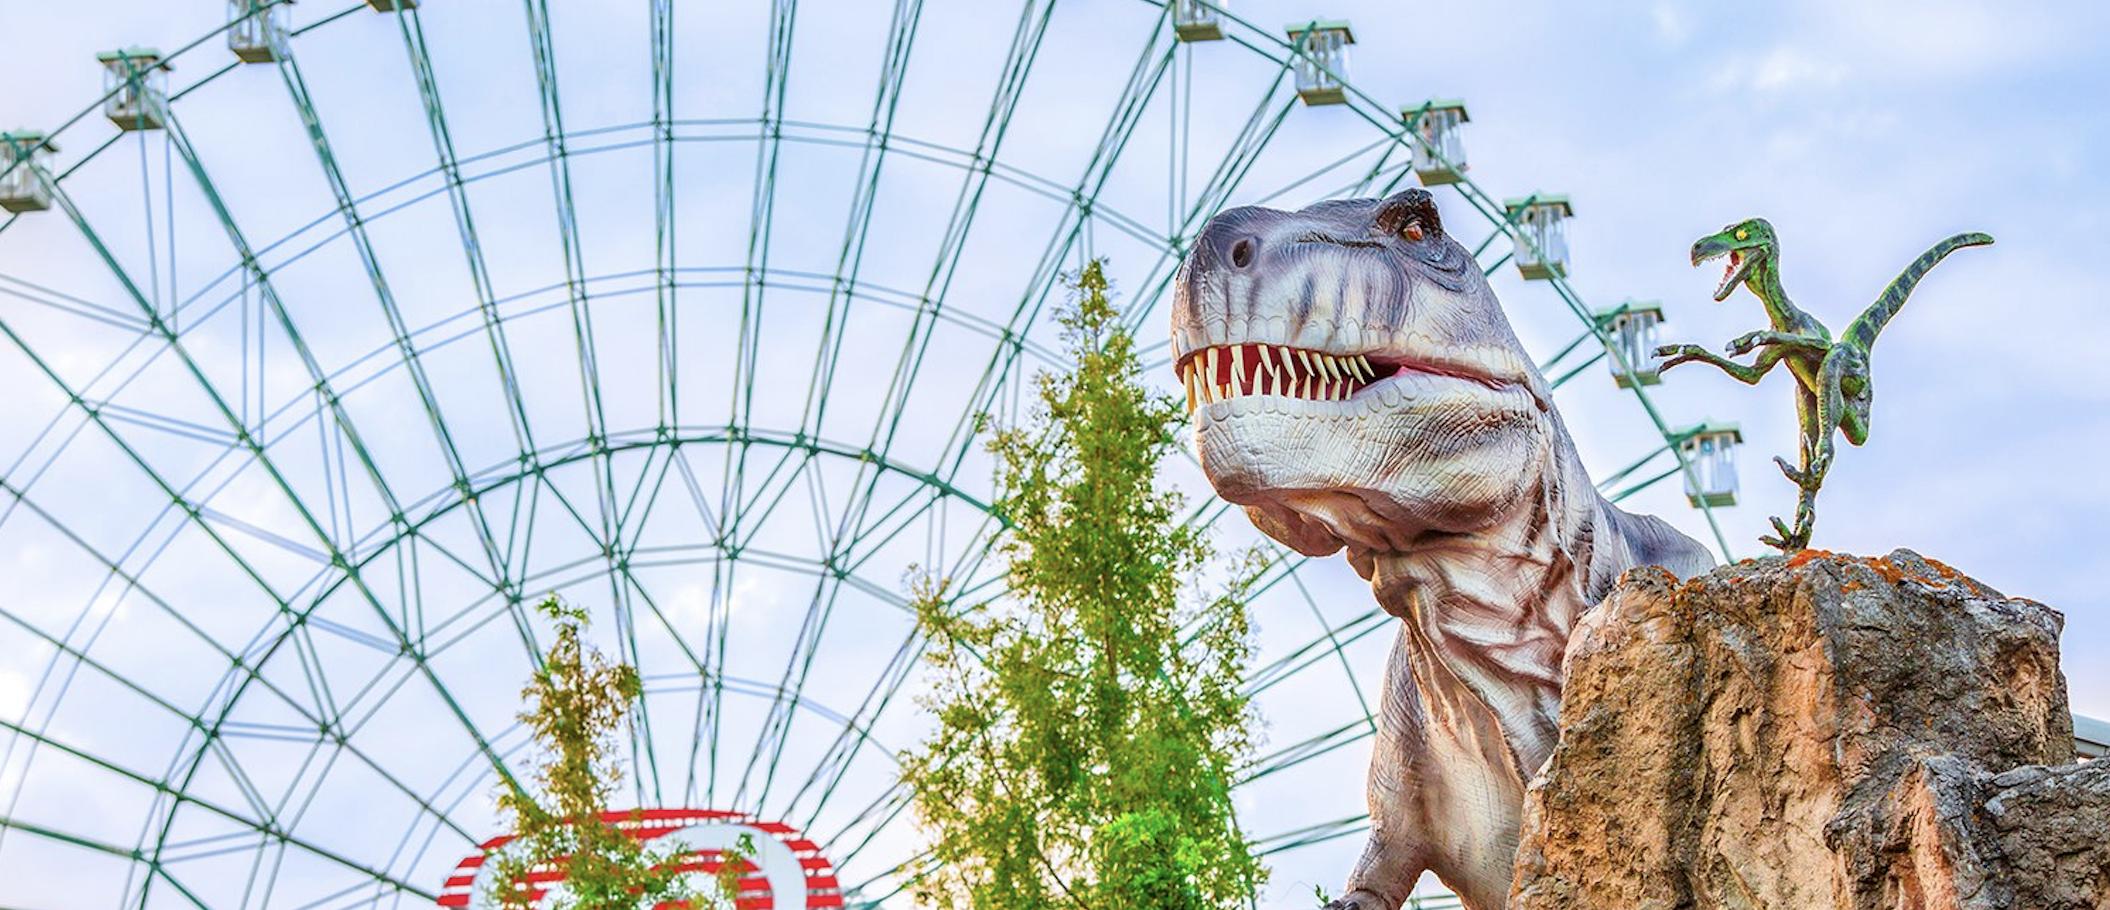 Romagna's Amusement Parks: guaranteed fun!